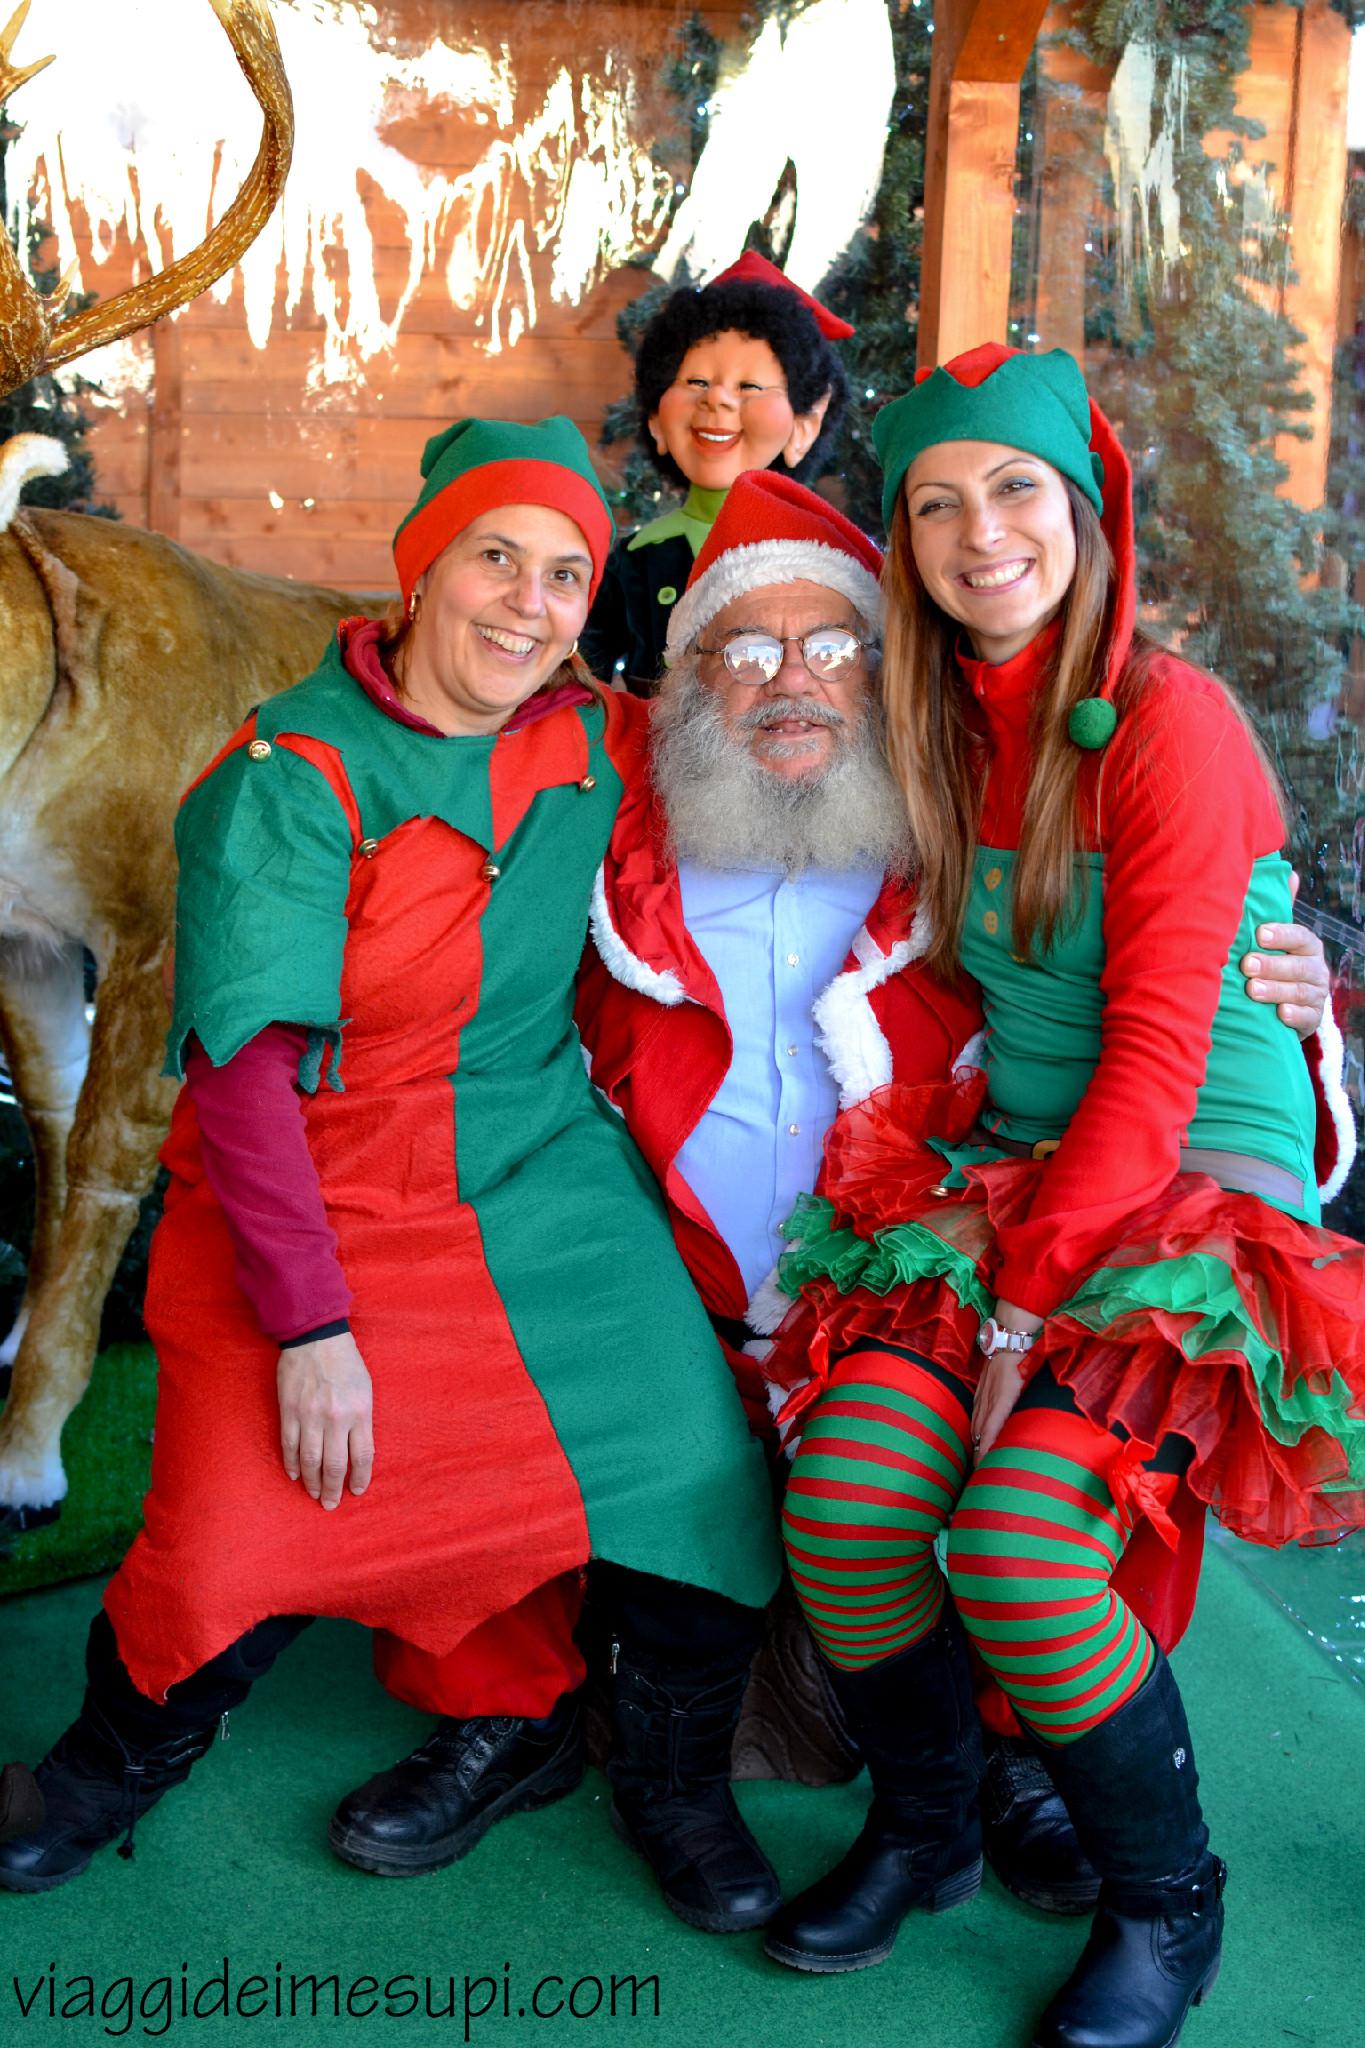 Natale delle meraviglie, Babbo Natale e gli elfi